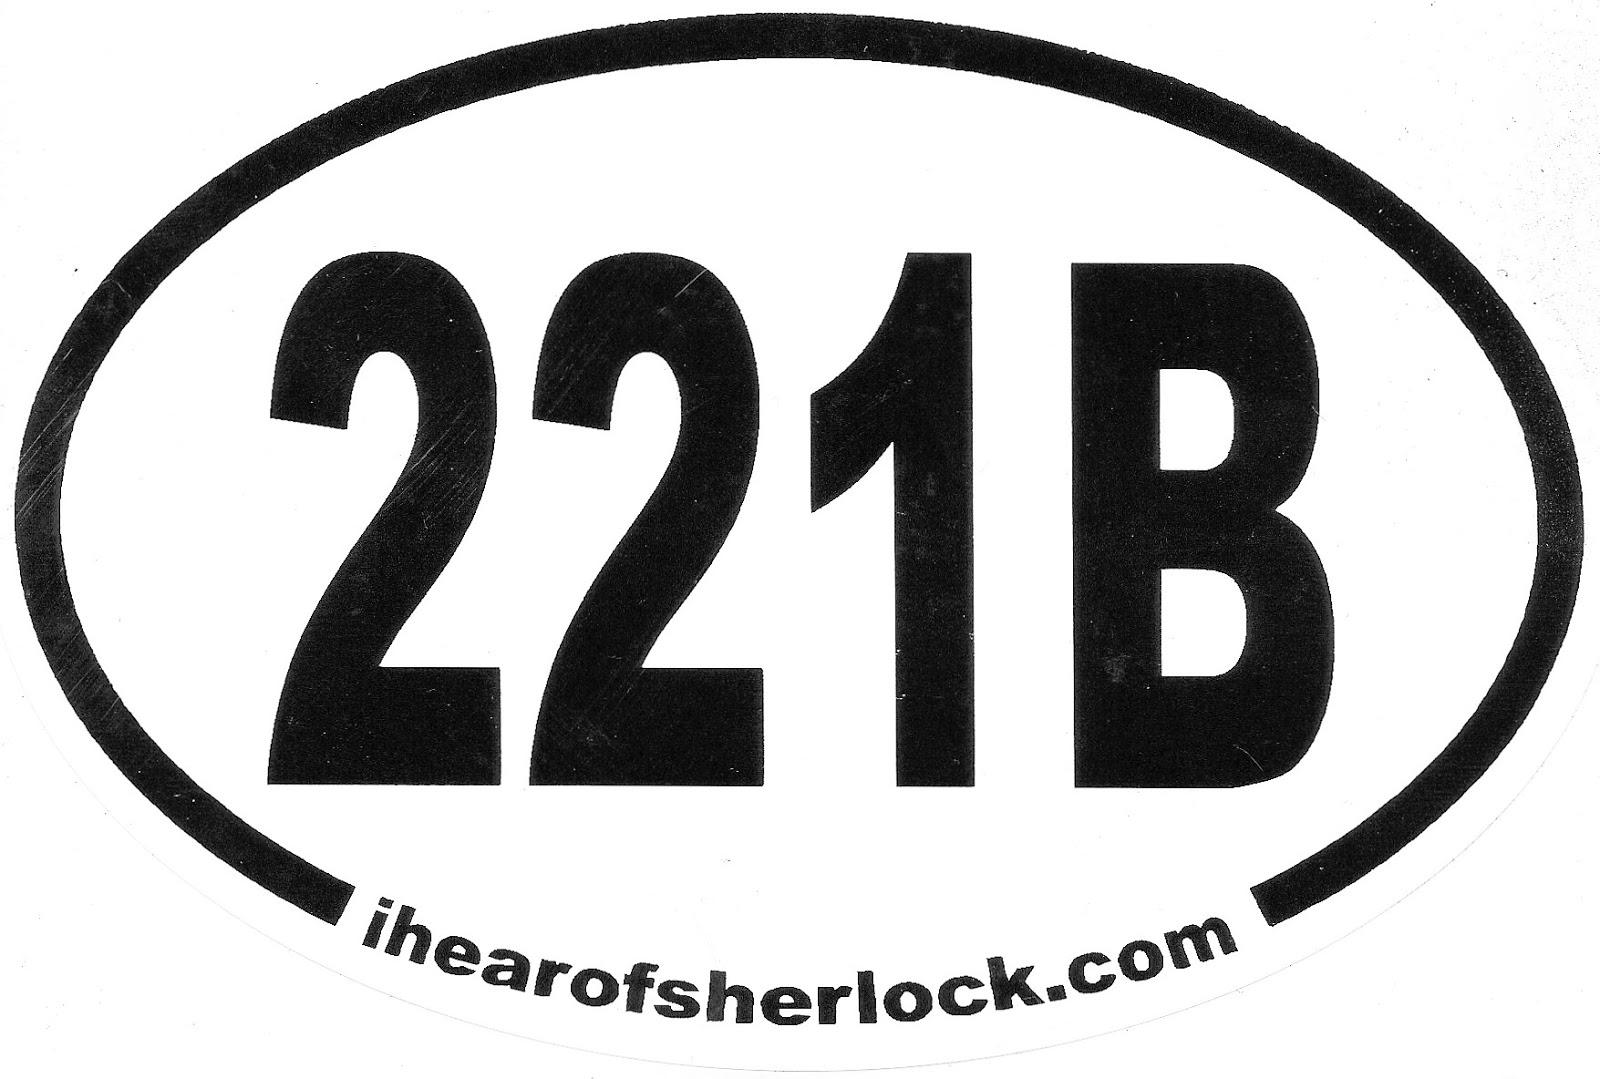 I Hear of Sherlock Everywhere Gifts